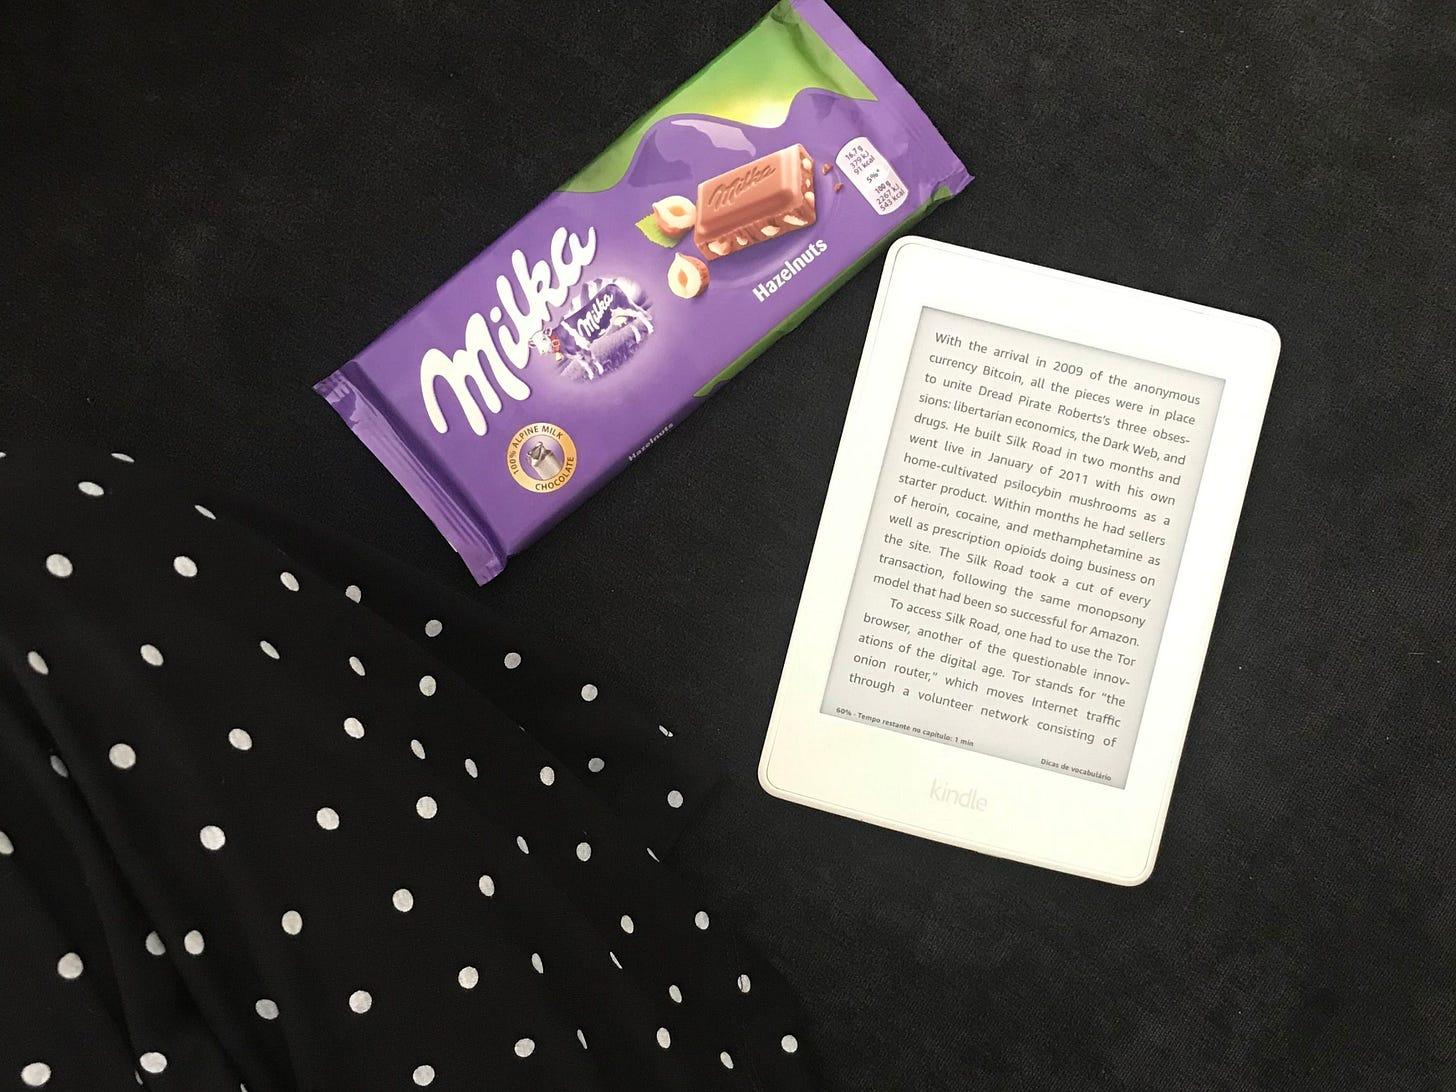 uma foto tirada de cima, de uma pessoa de pernas cruzadas com uma barra de chocolate milka e um kindle paperwhite branco mostrando uma página aleatória de um livro.